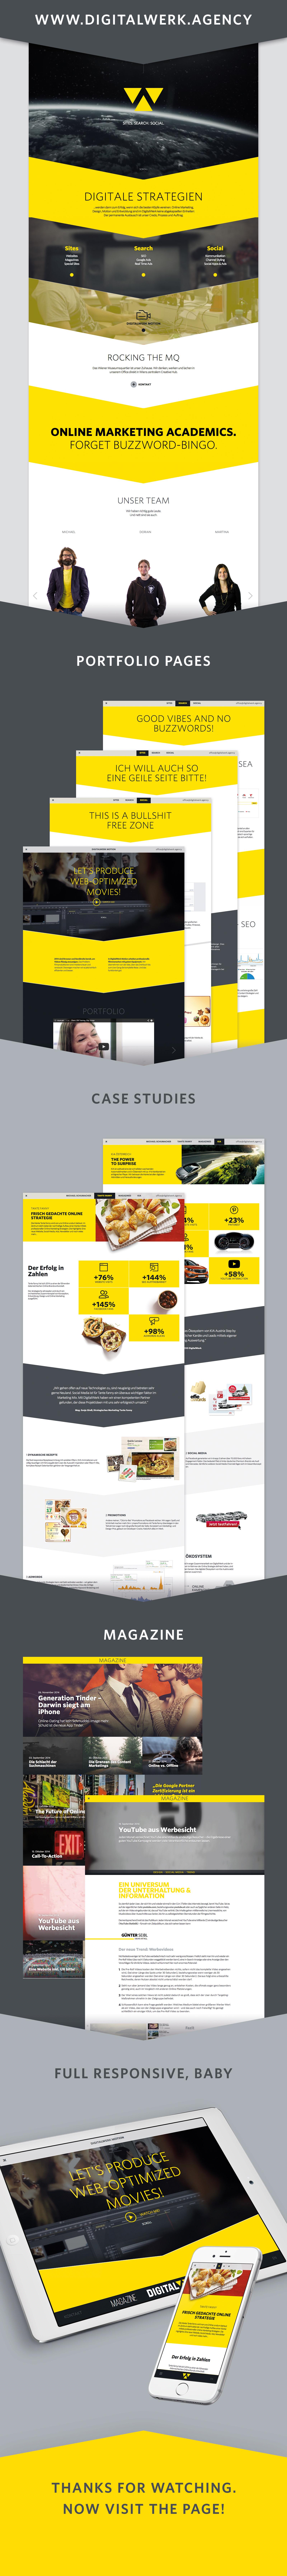 Great Digitalwerk Webdesign Http Digitalwerk Agency En Fullresponsive Webdesign Onlineagency Digitalagenny Vienna Video Web Design Design Digital